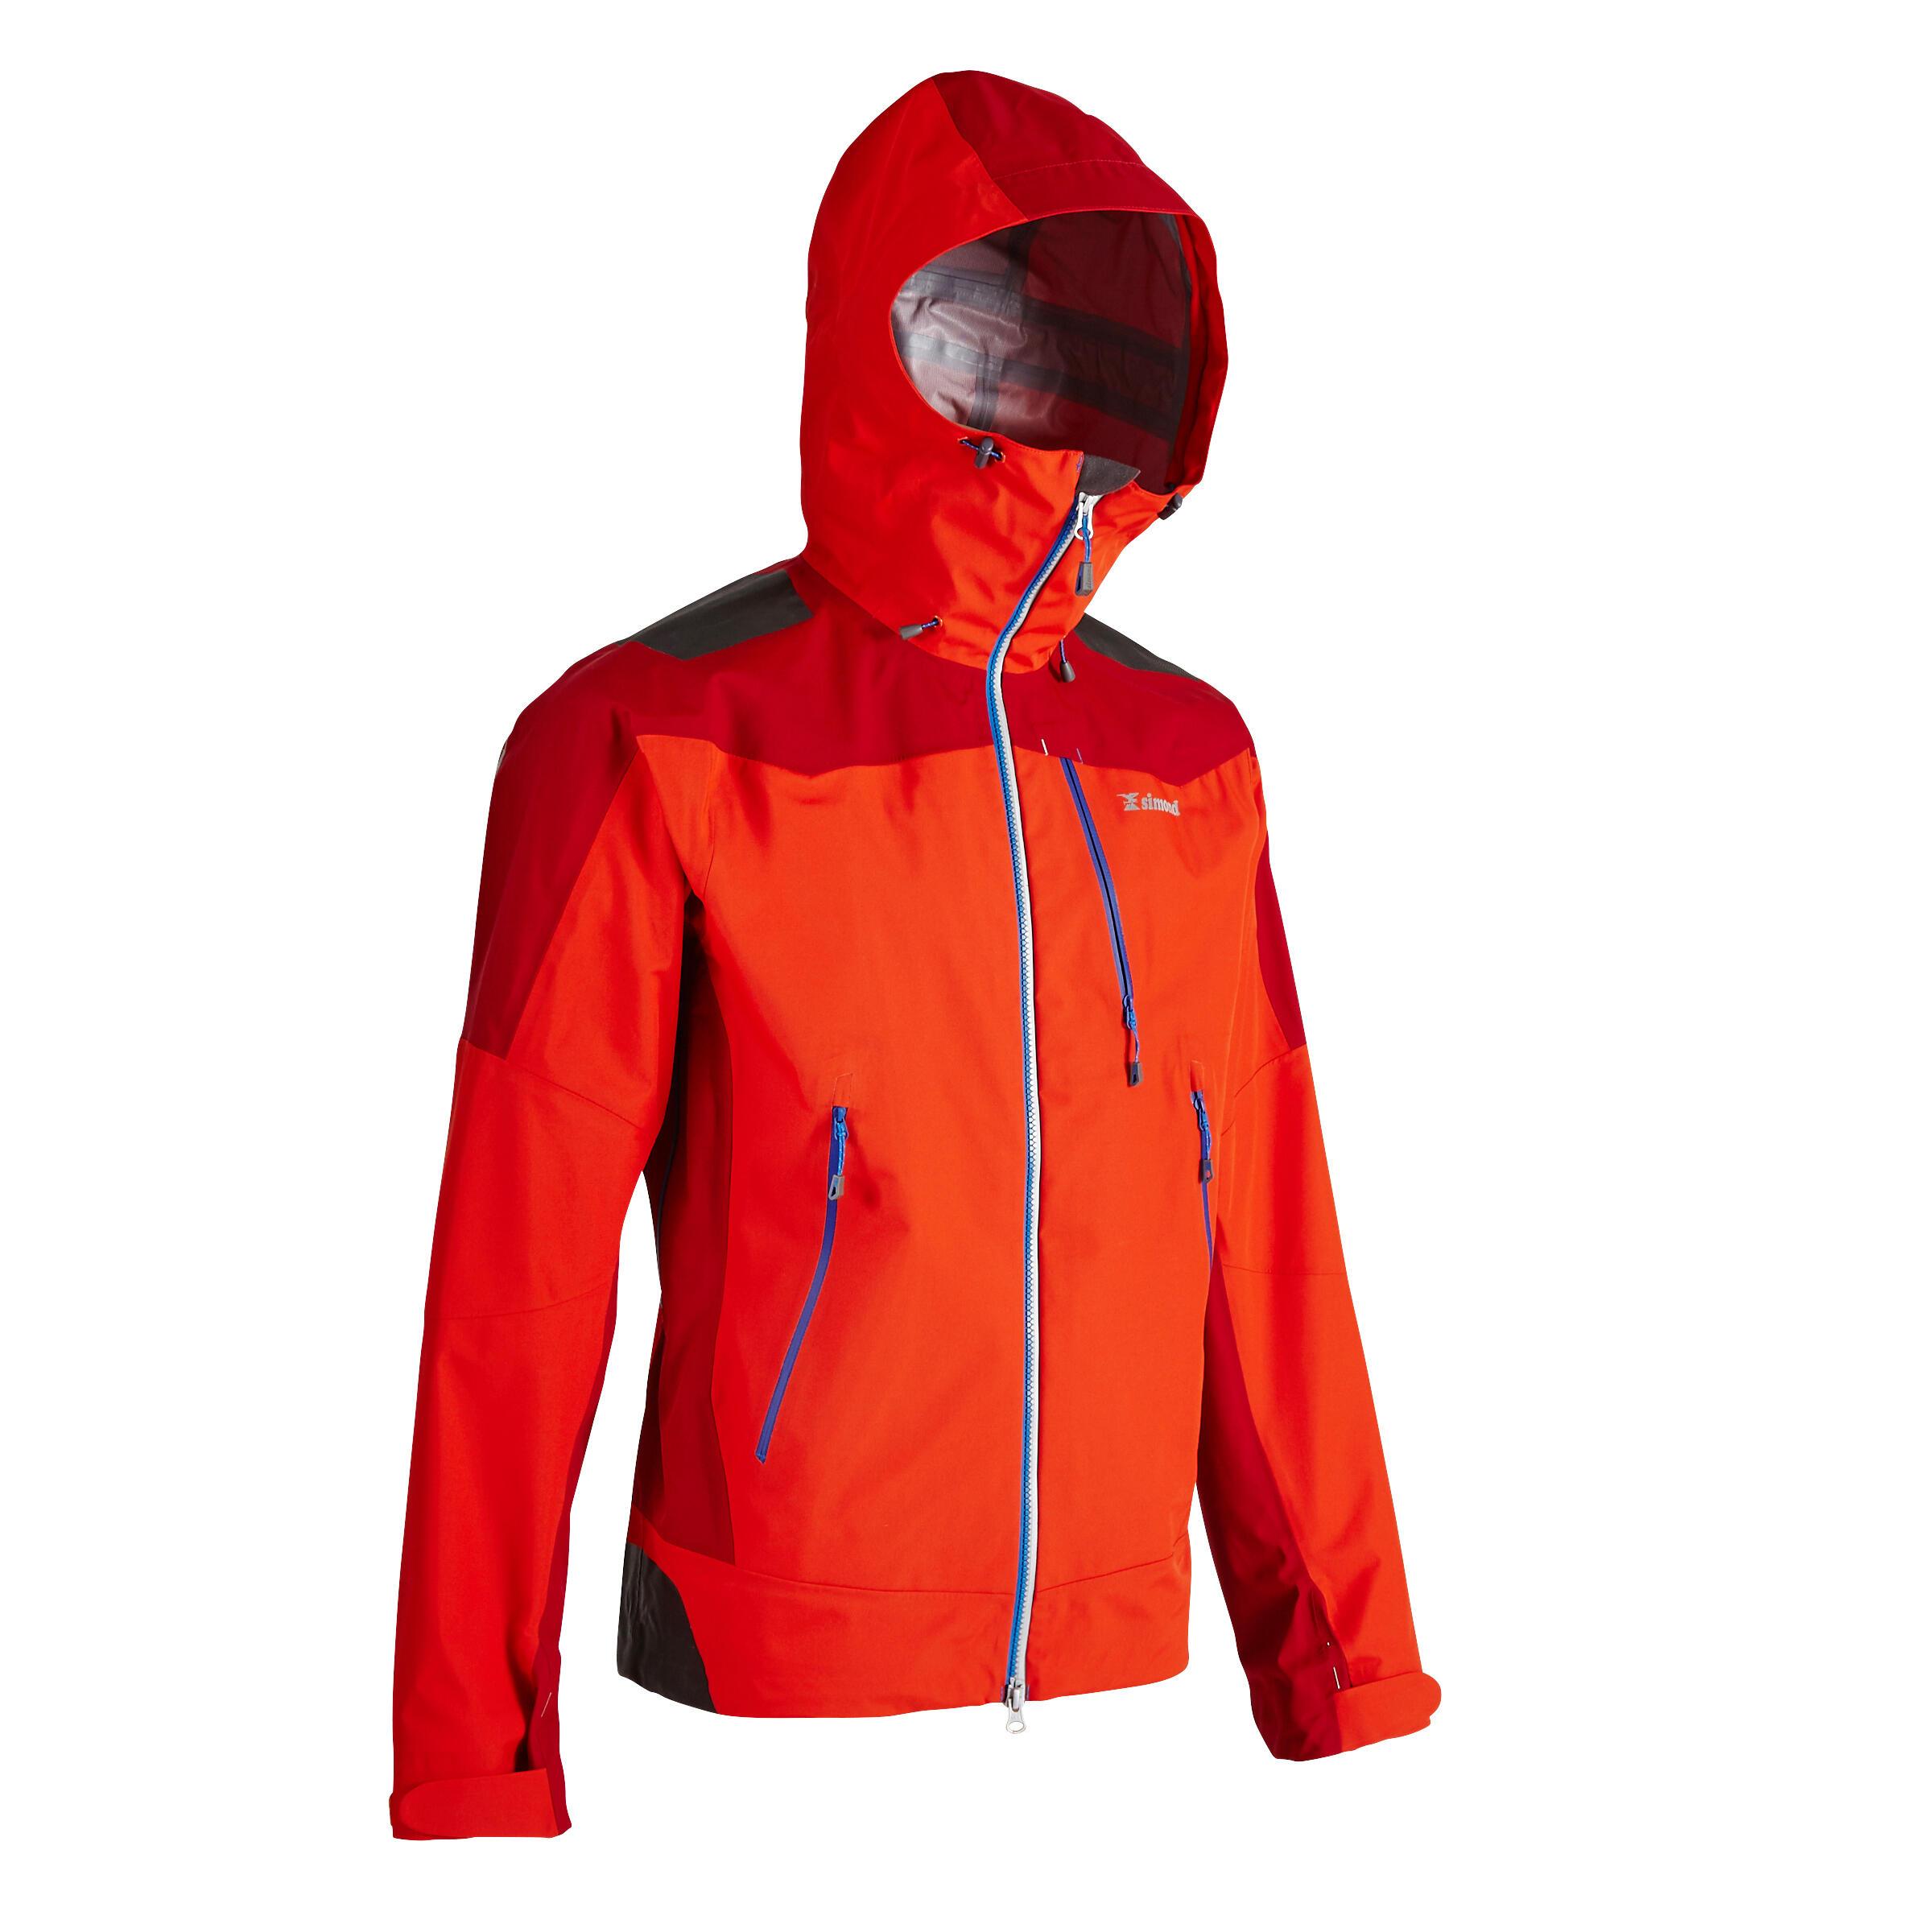 1a413cde5766 Comprar Chaquetas Esquí y Nieve online | Decathlon